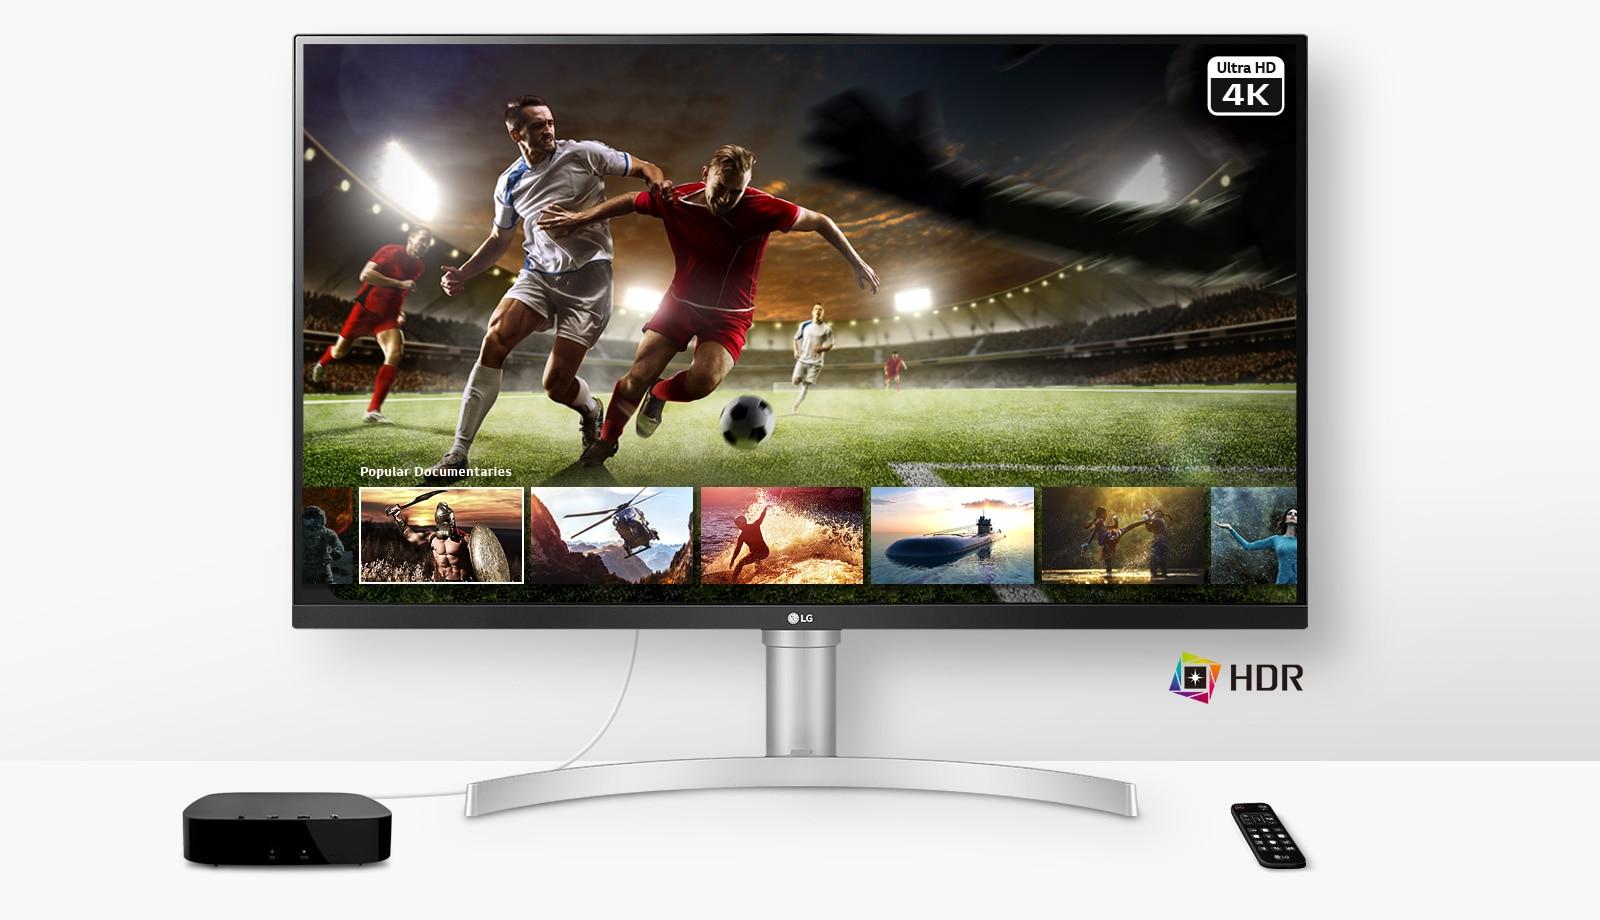 Reproducir un partido de fútbol en vivo en Ultra HD 4K HDR desde el servicio de streaming